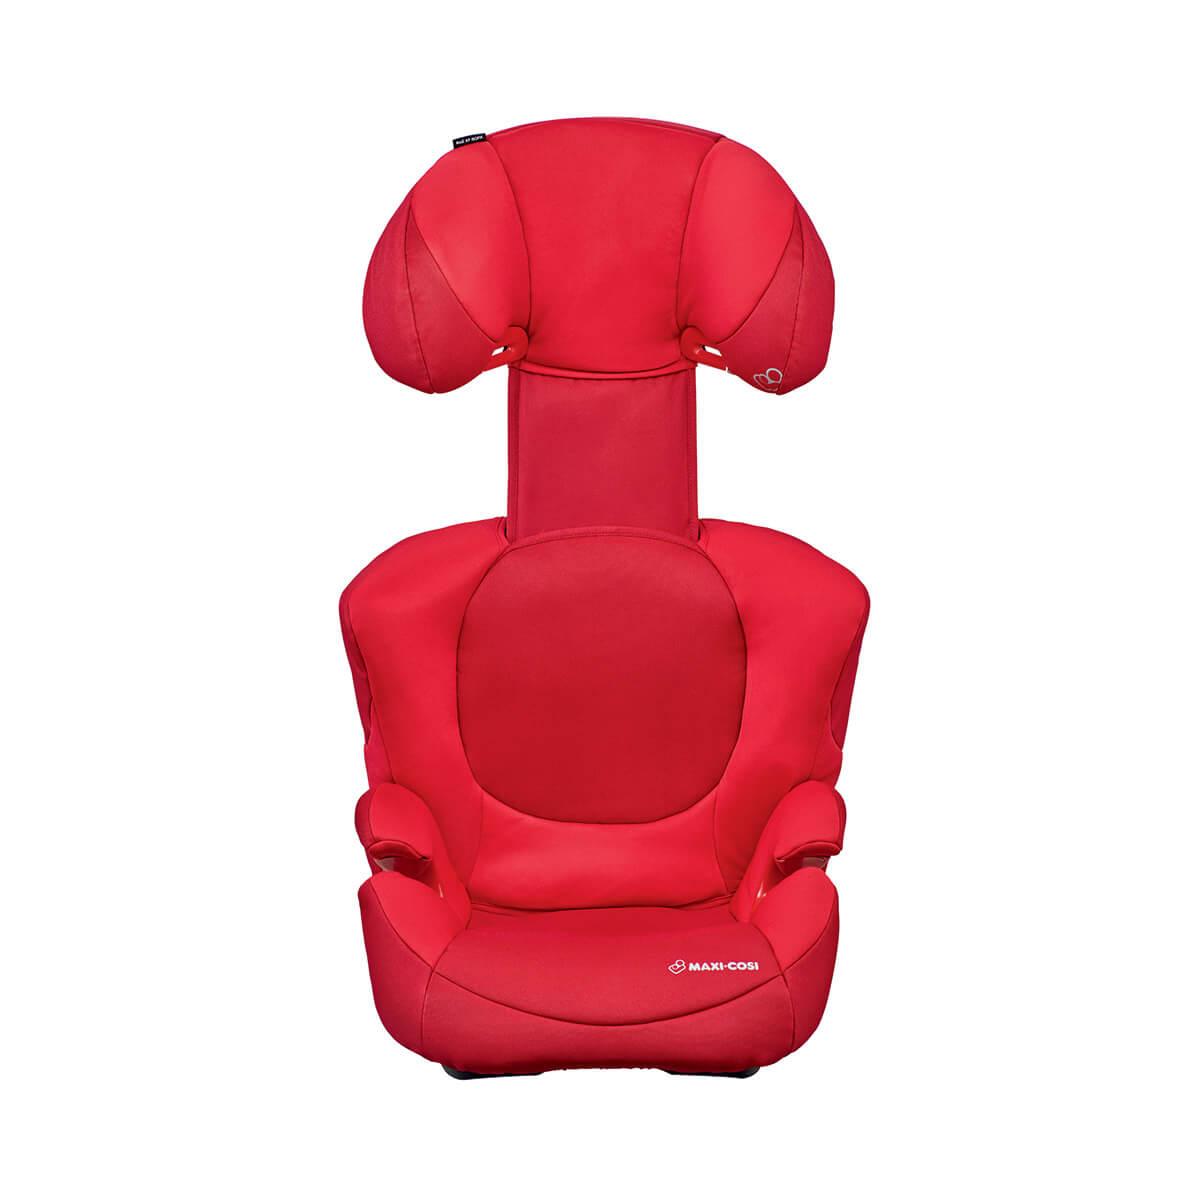 Lightweight Booster seat